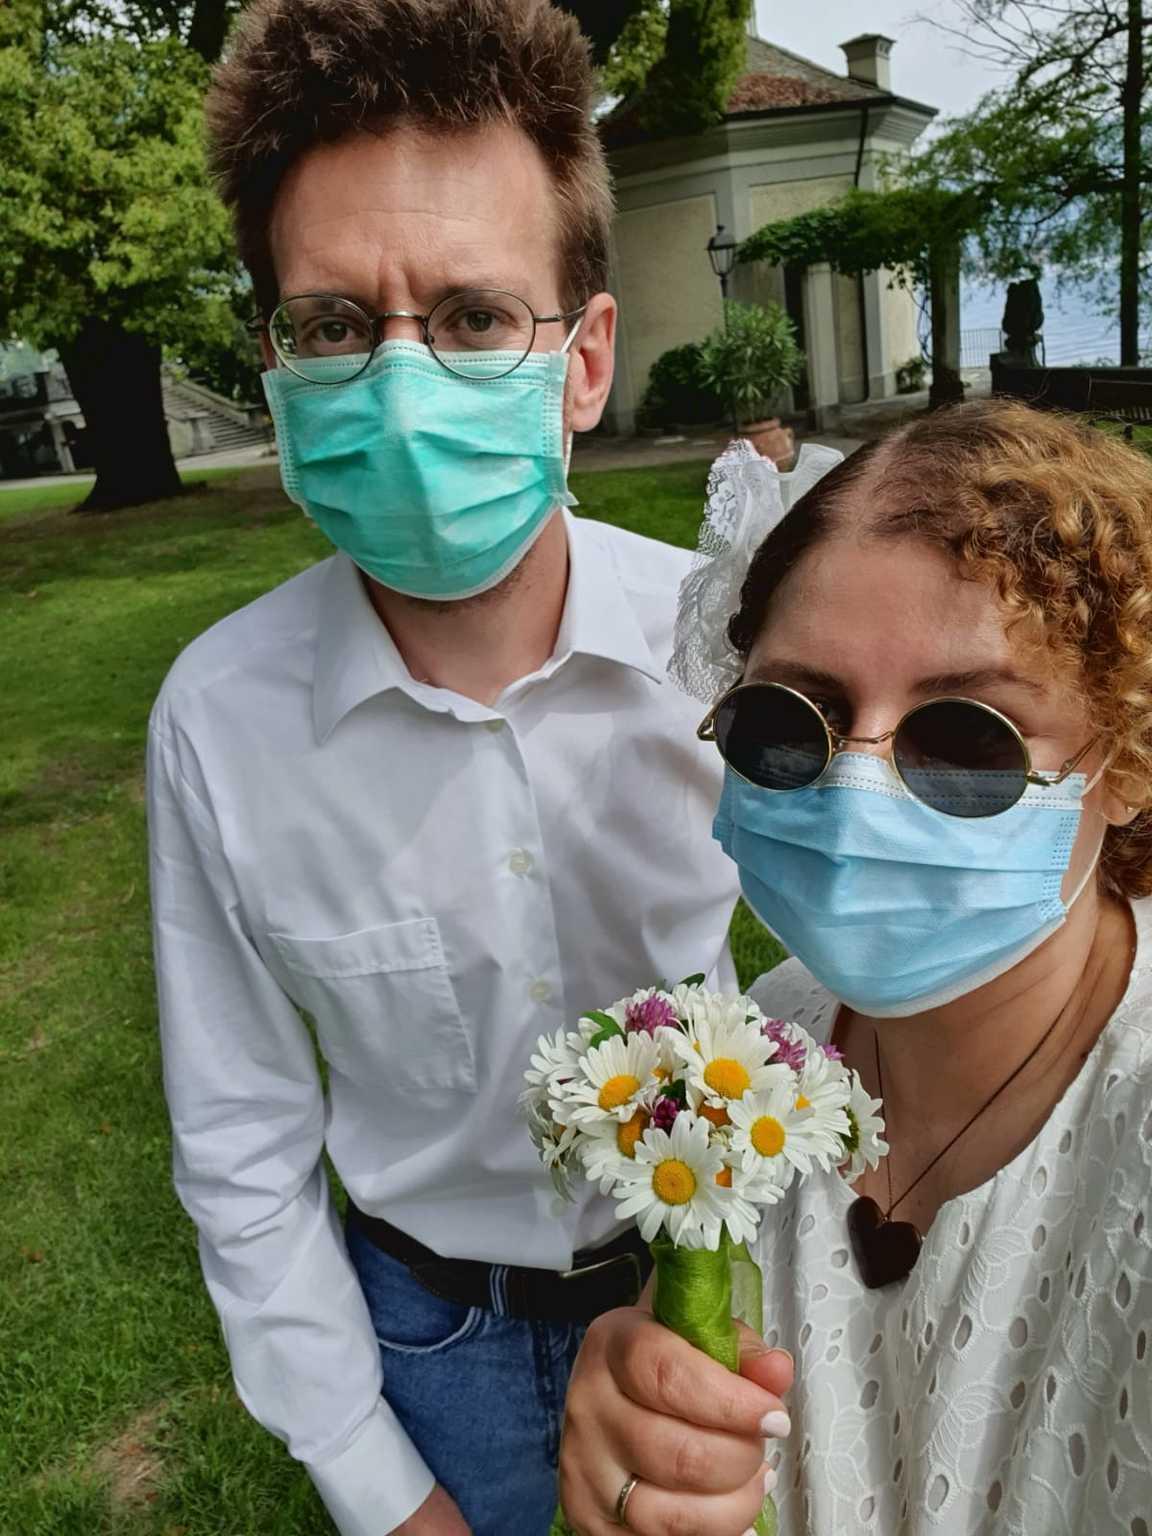 Segurando o buquê feito com flores de margaridas, Ana Beatriz e Christian tiveram que usar máscaras de proteção para a cerimônia.(Foto: Arquivo pessoal)